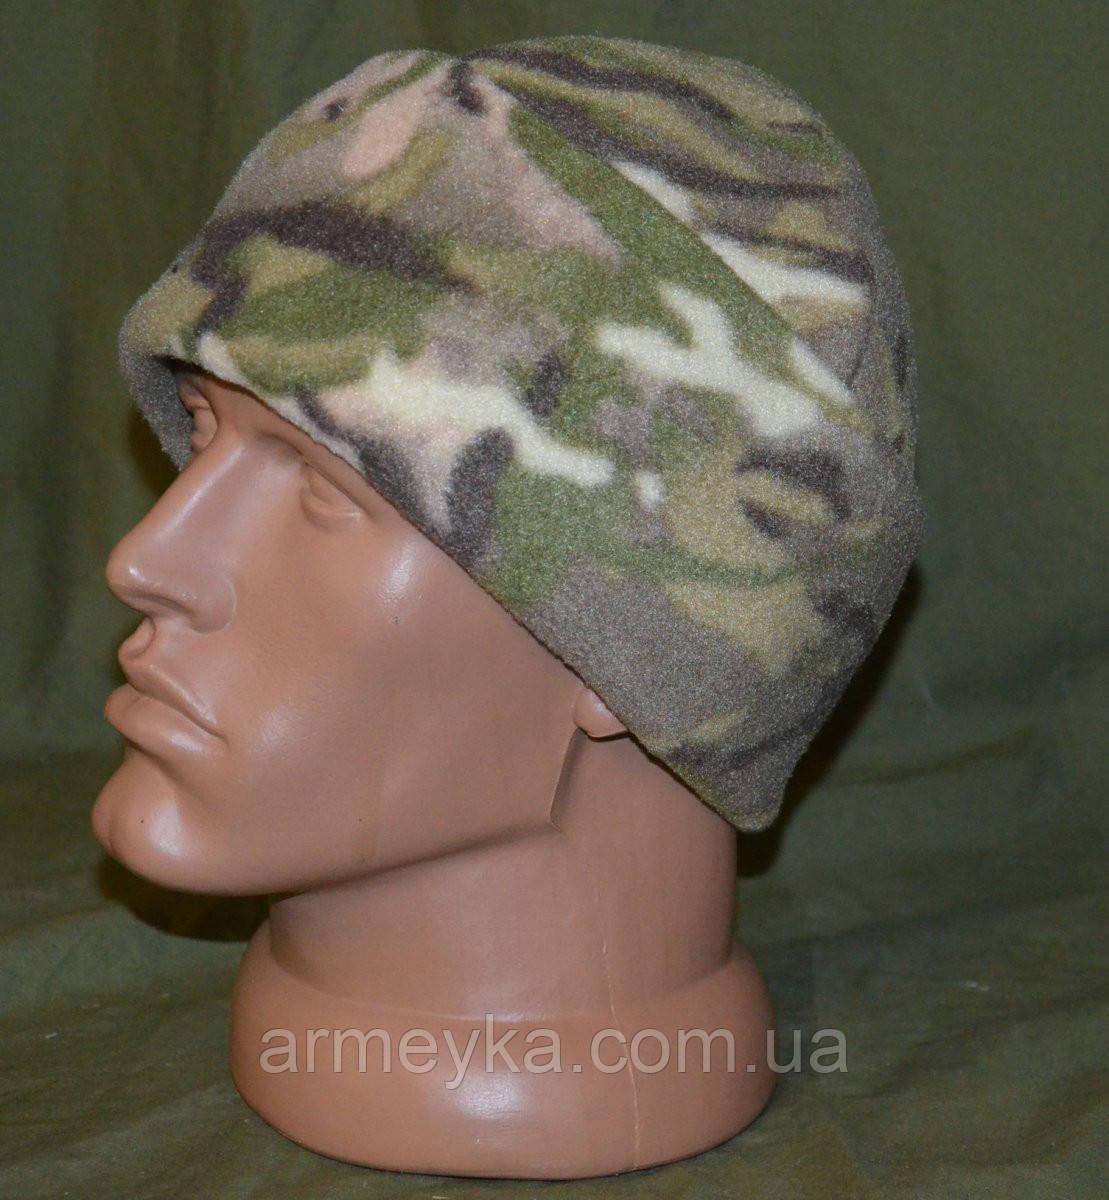 Зимняя флисовая шапка в расцветке MTP. НОВАЯ, UA.